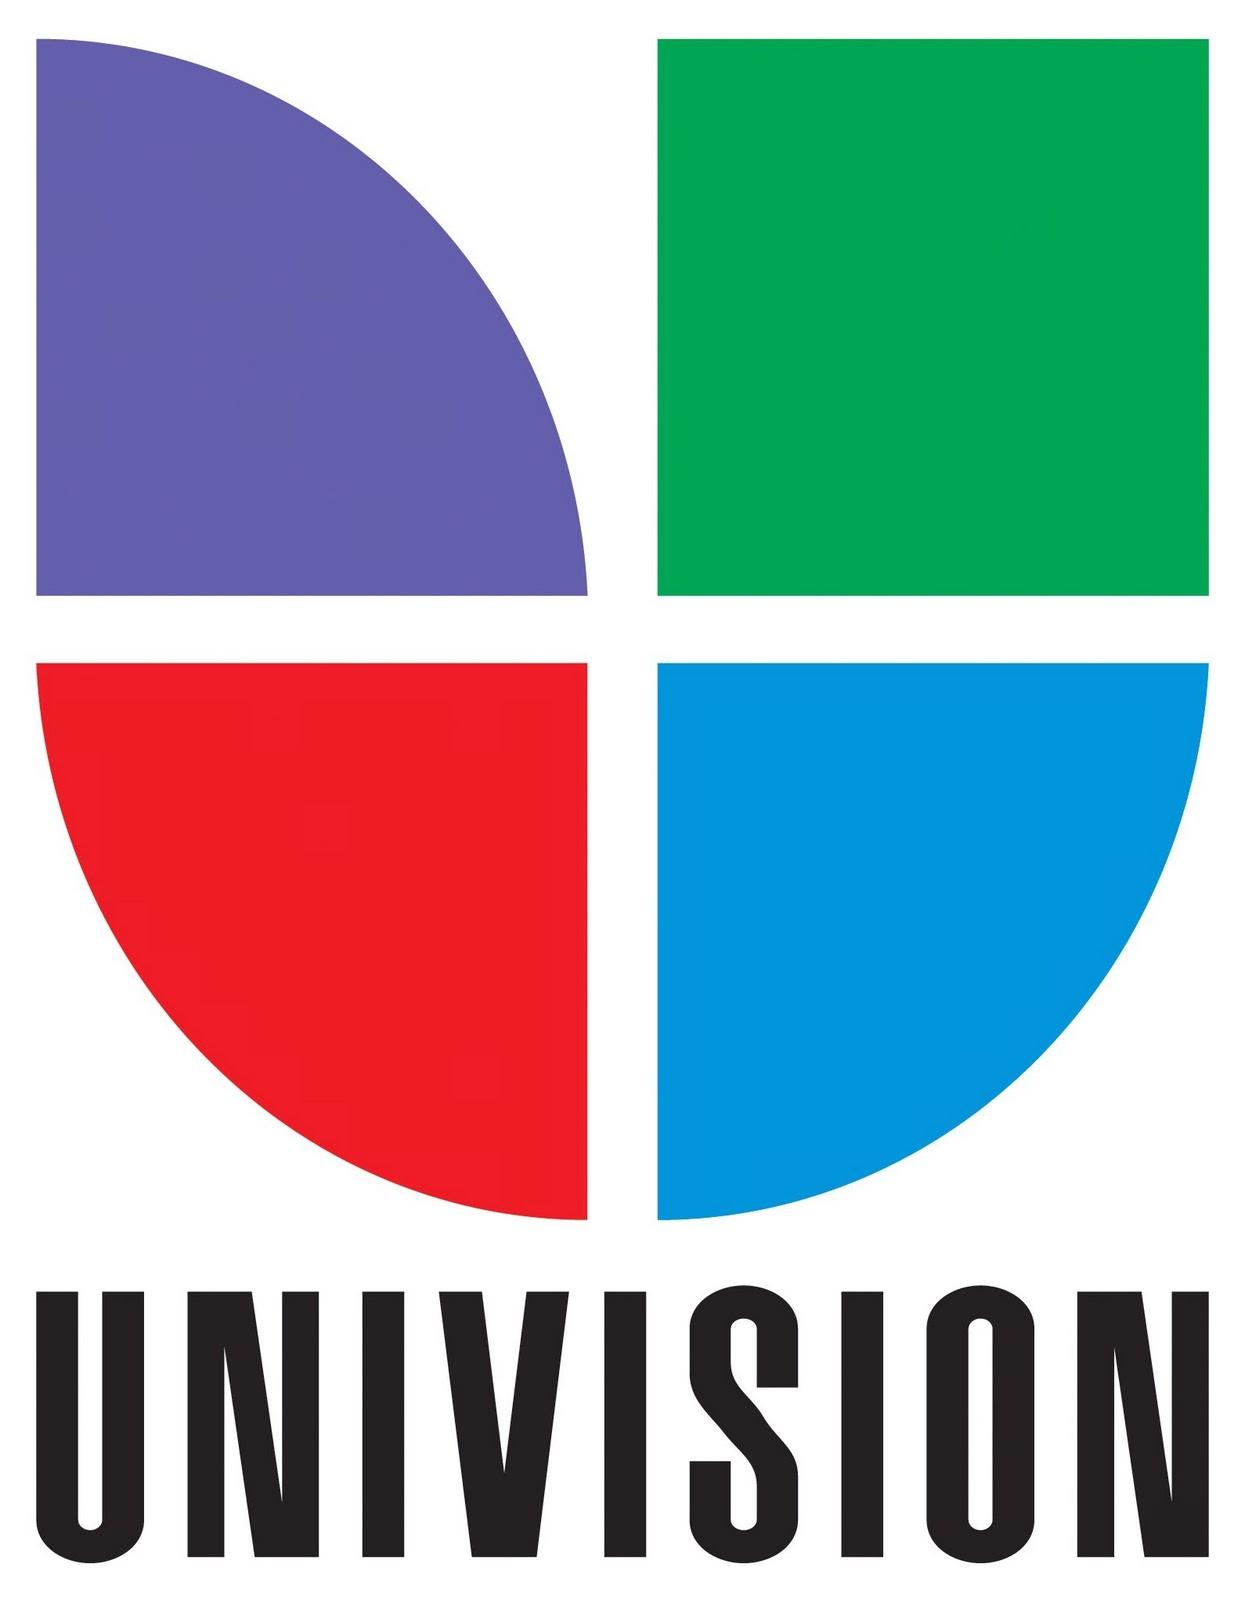 Ver Univision HD en vivo online gratis.